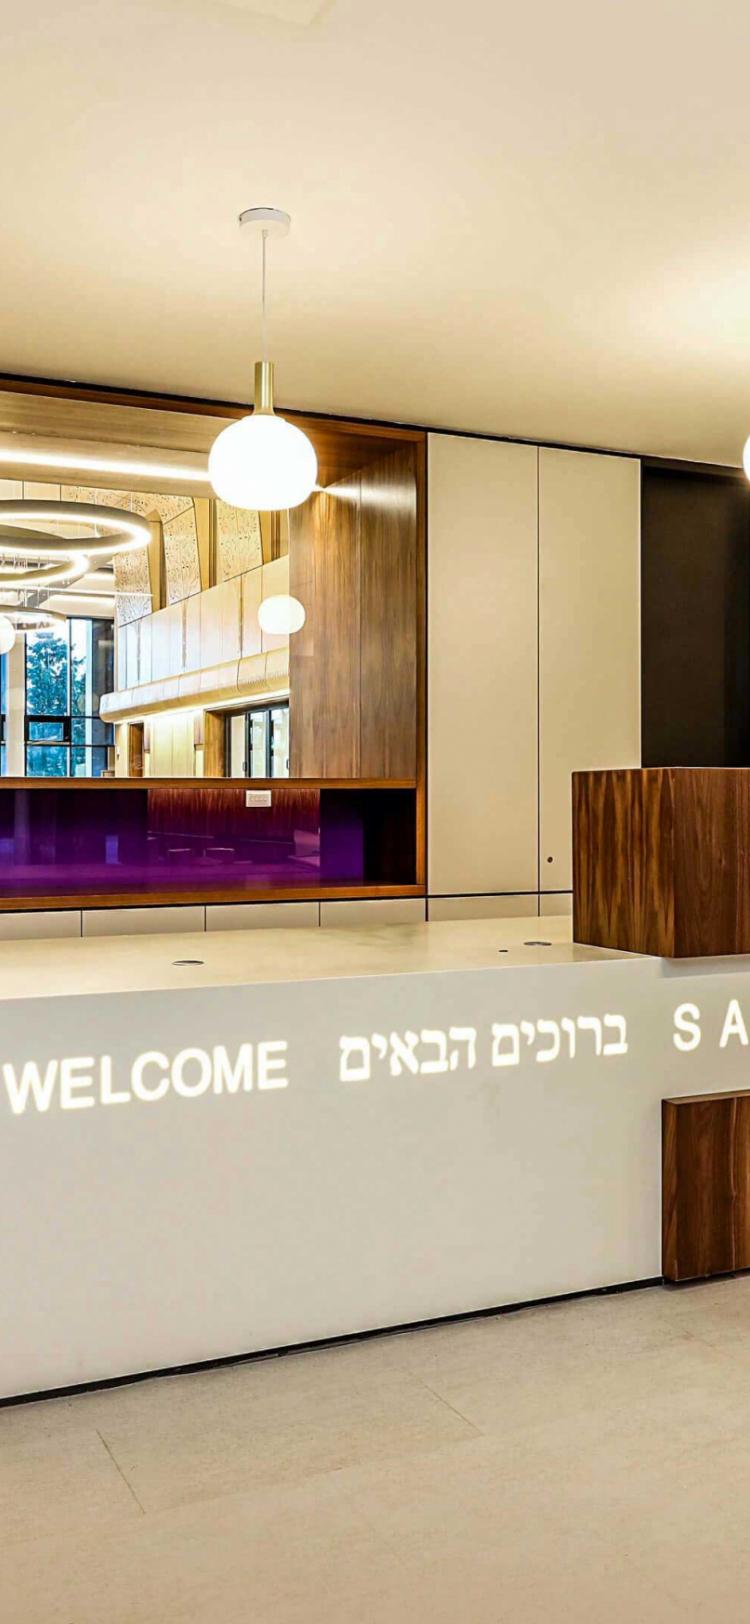 Jewish Care Homepage Hero